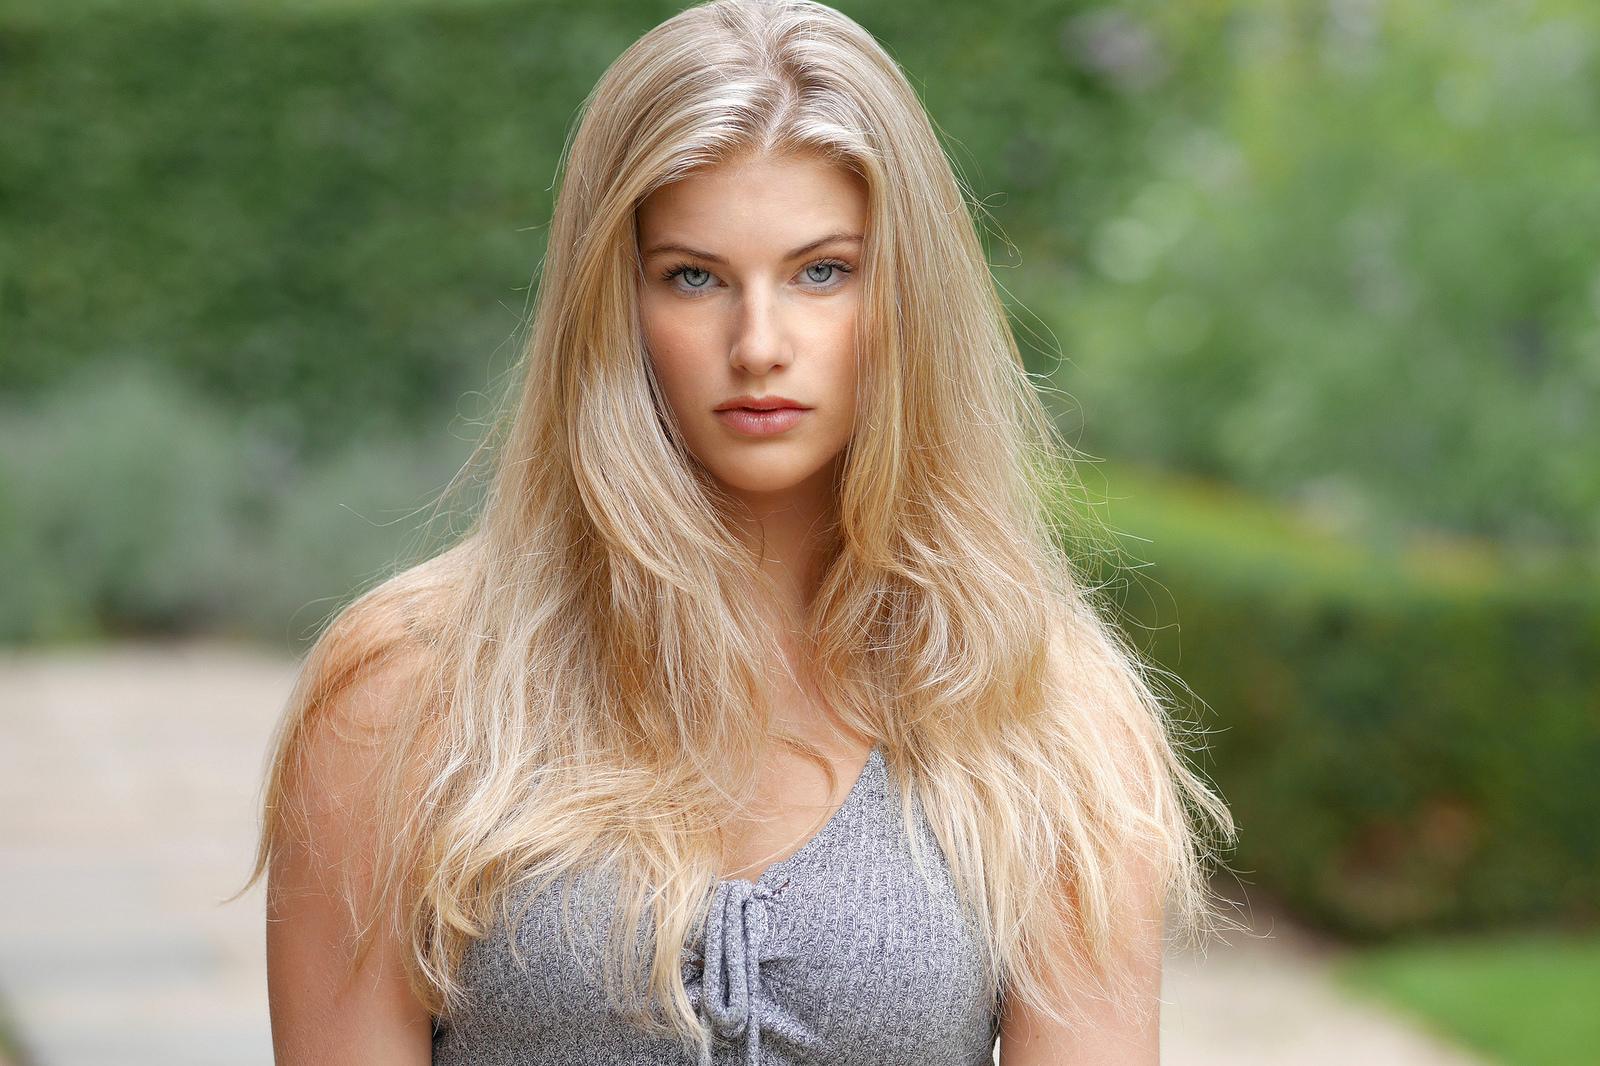 Стройная высокая натуральная блондинка с зелеными глазами и большой грудью